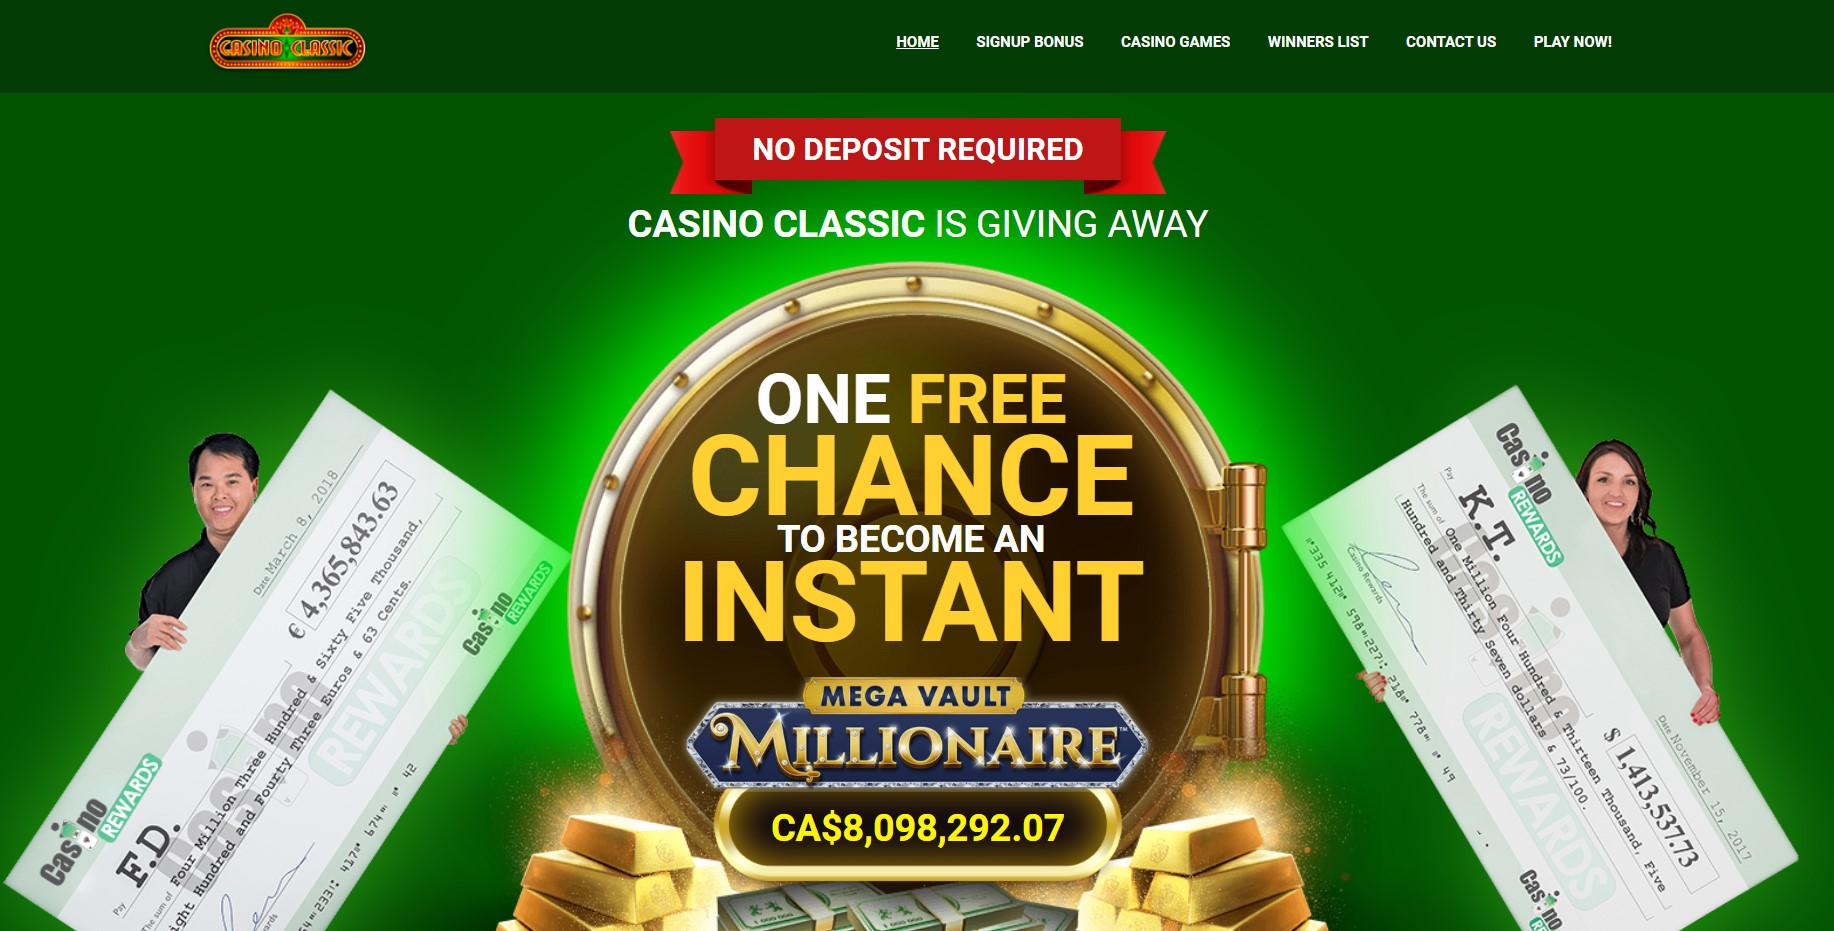 Casino Classic homepage